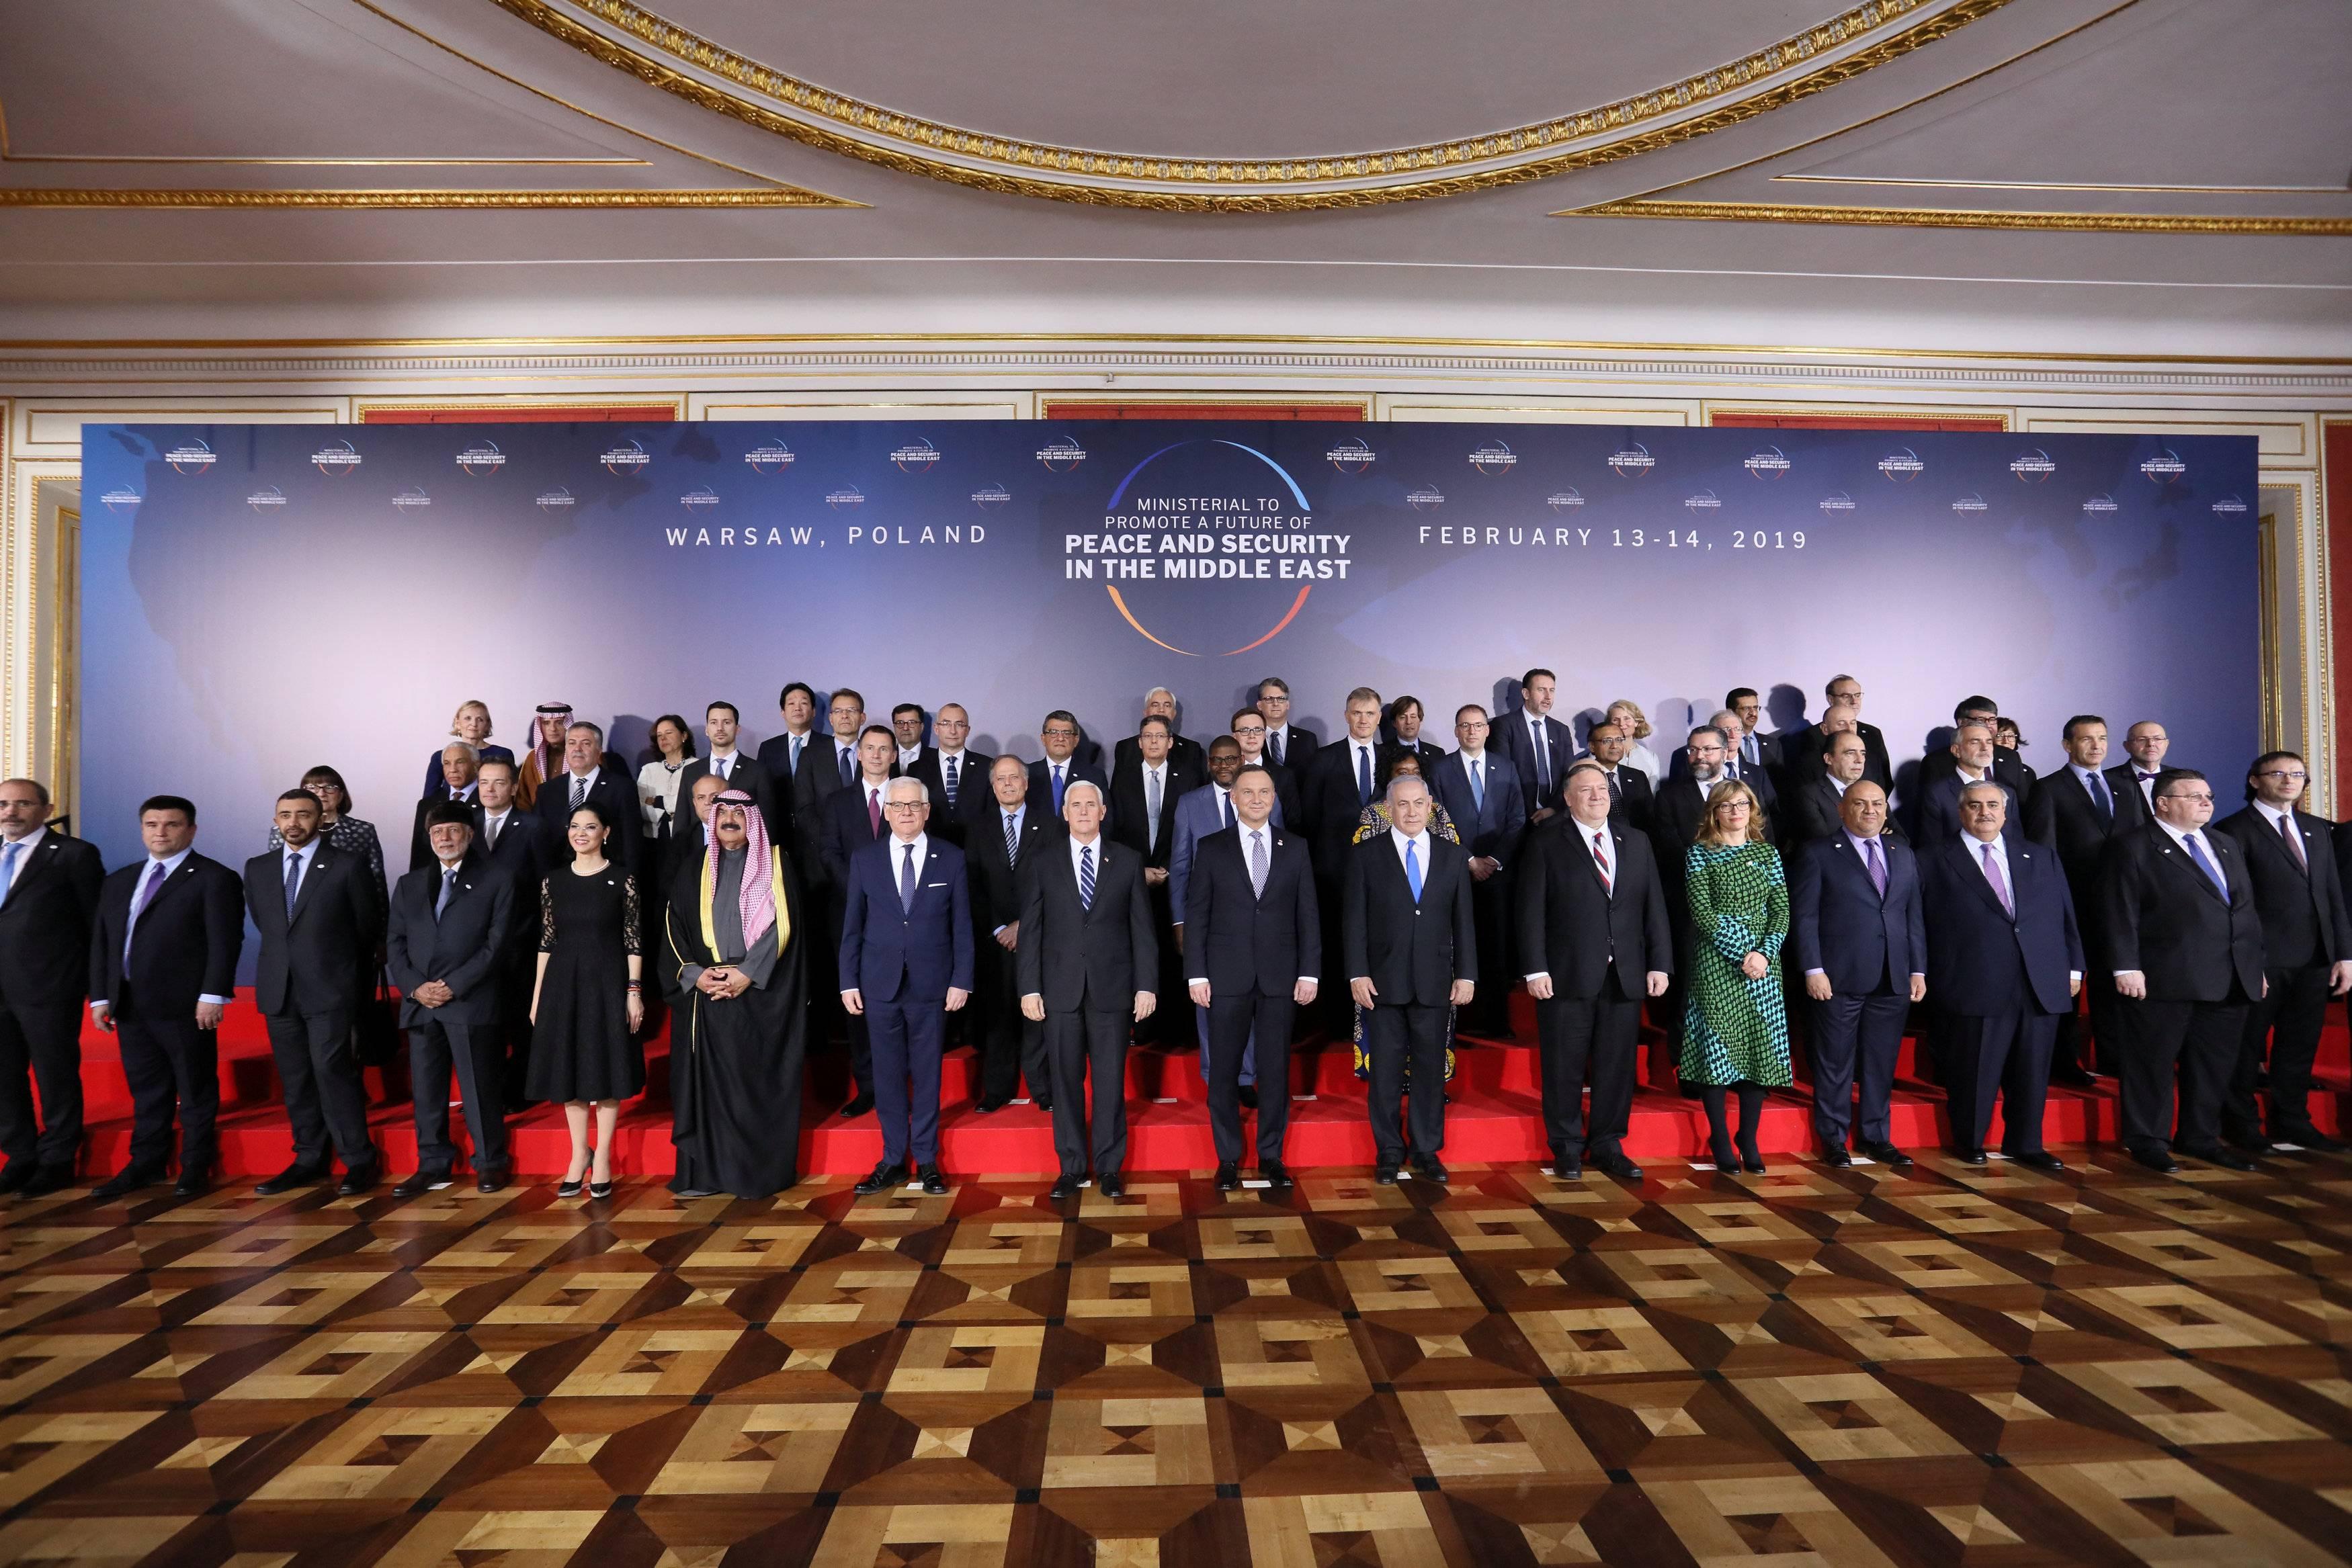 Cumbre de Varsovia